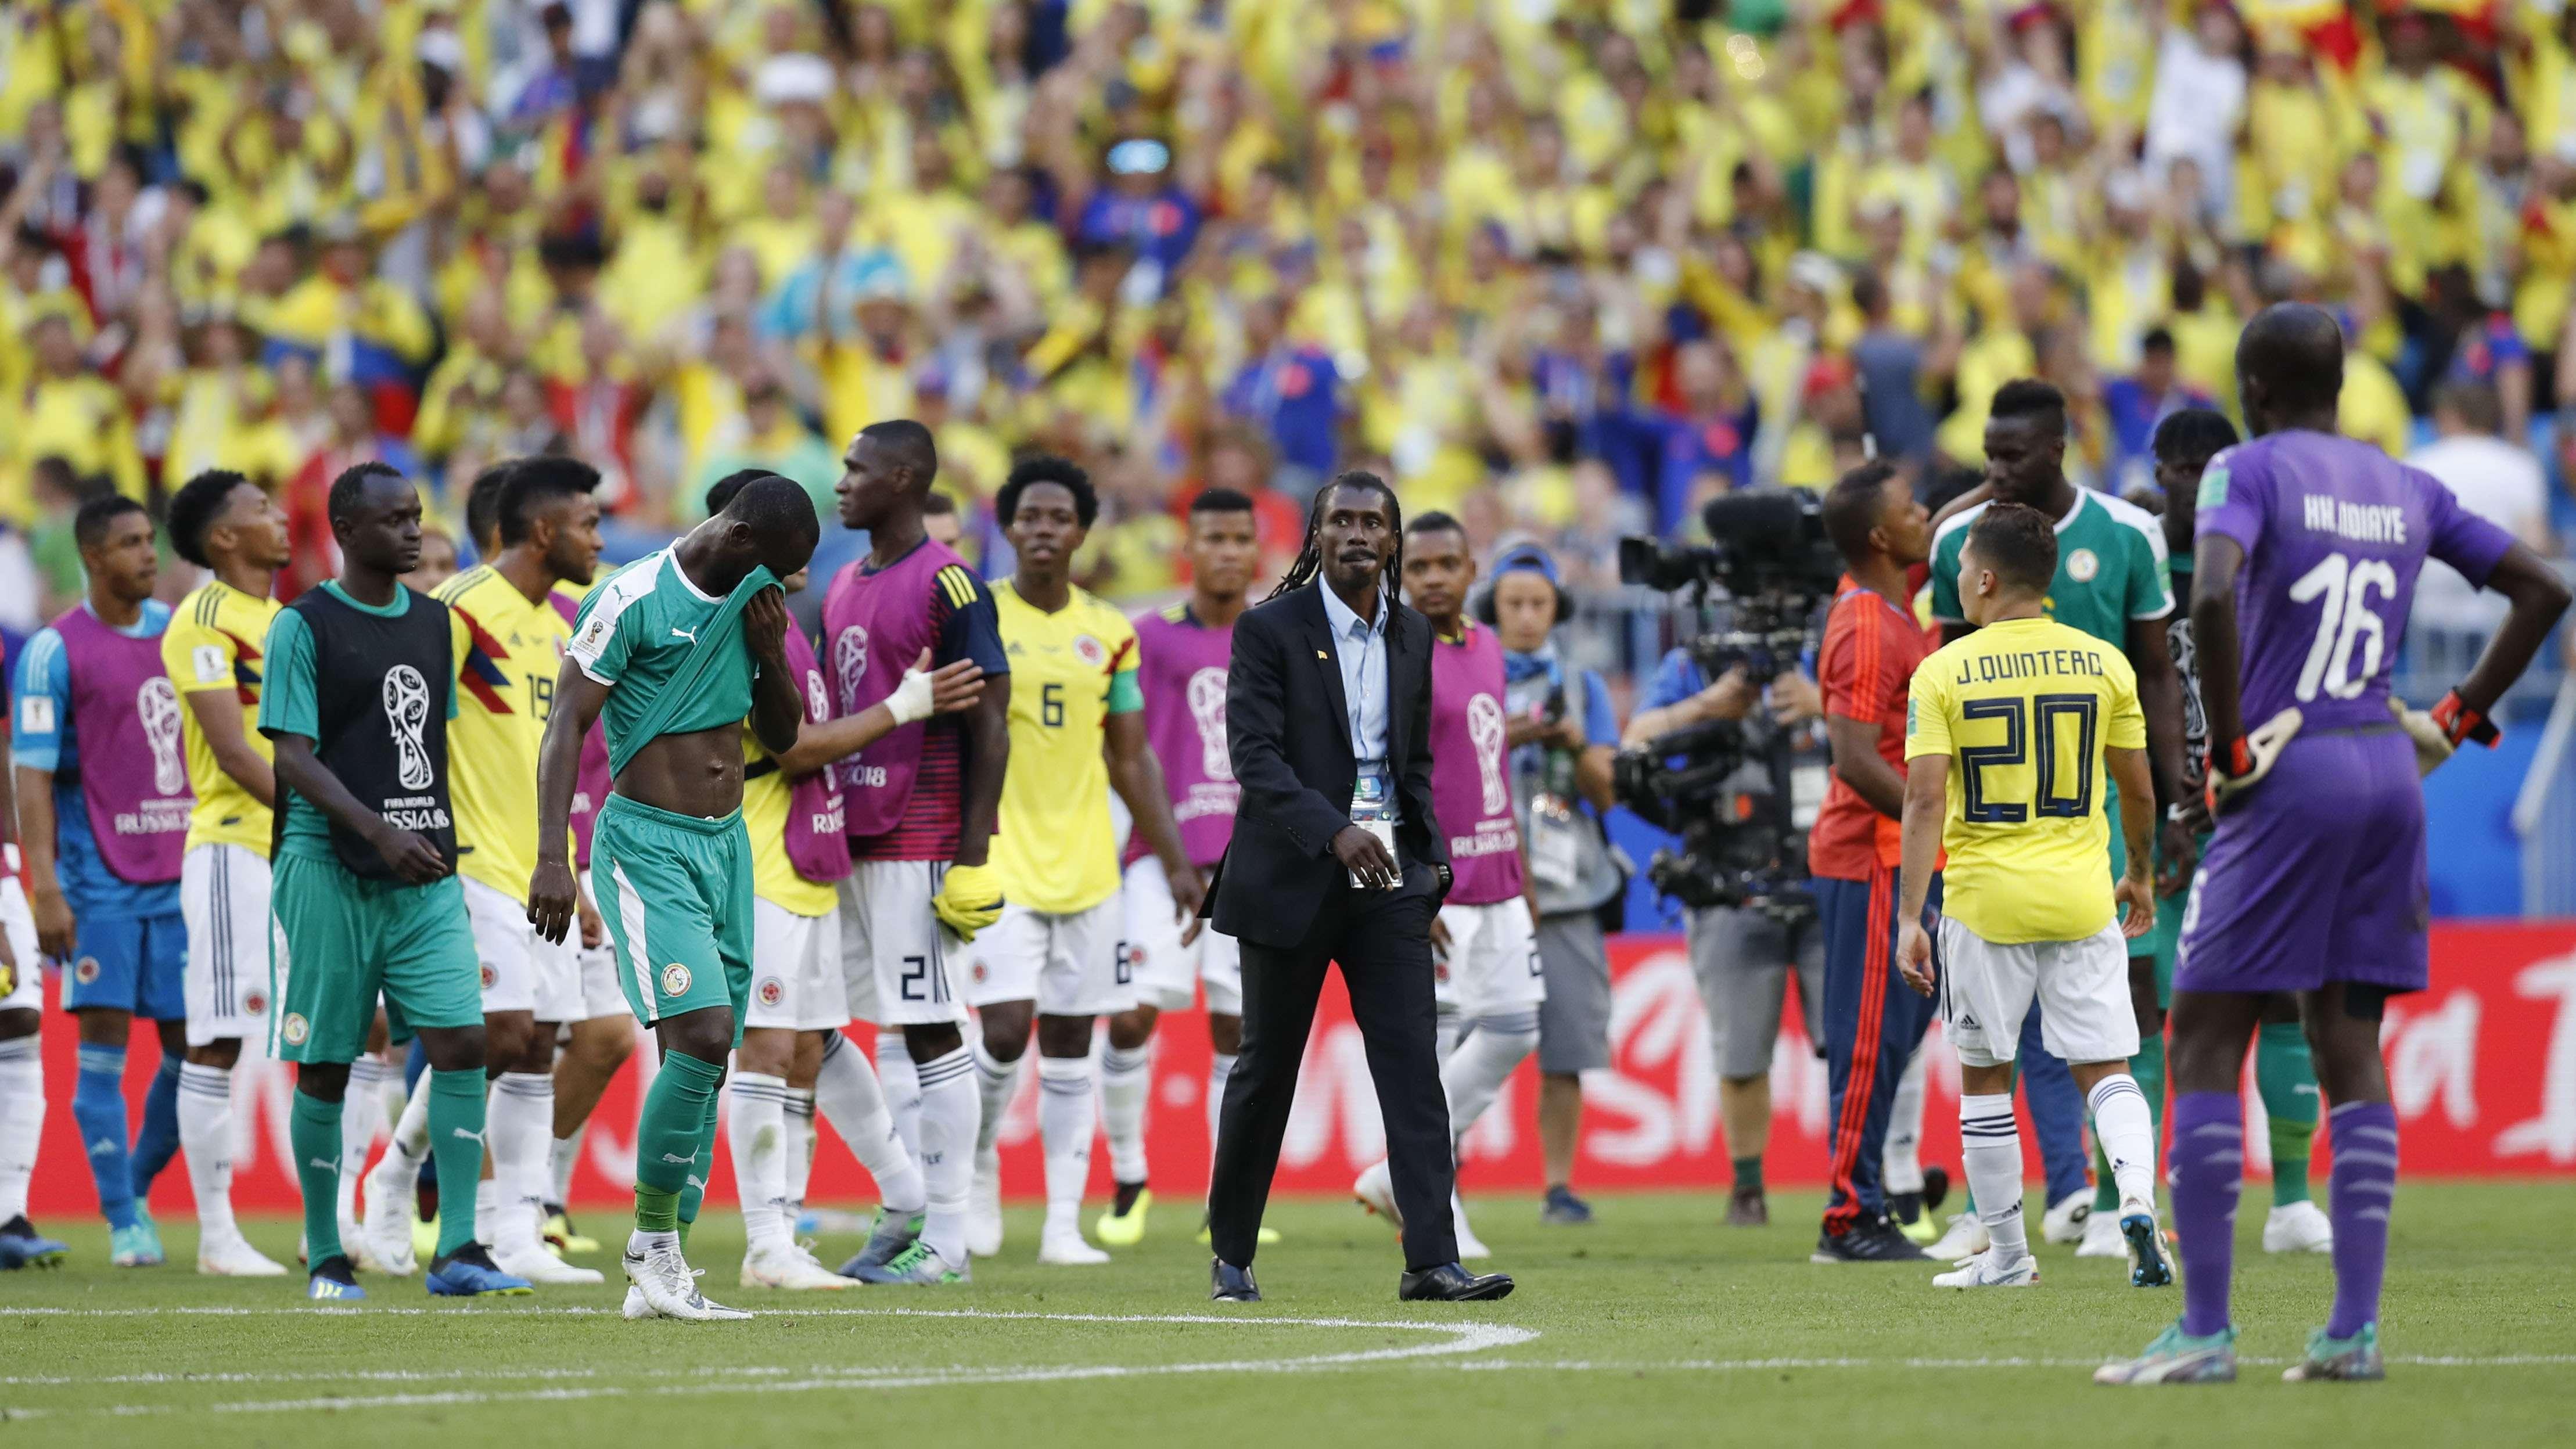 Aliou Cissé, ici lors du Mondial 2018 en Russie, est le sélectionneur africain avec le plus d'ancienneté (4 ans).